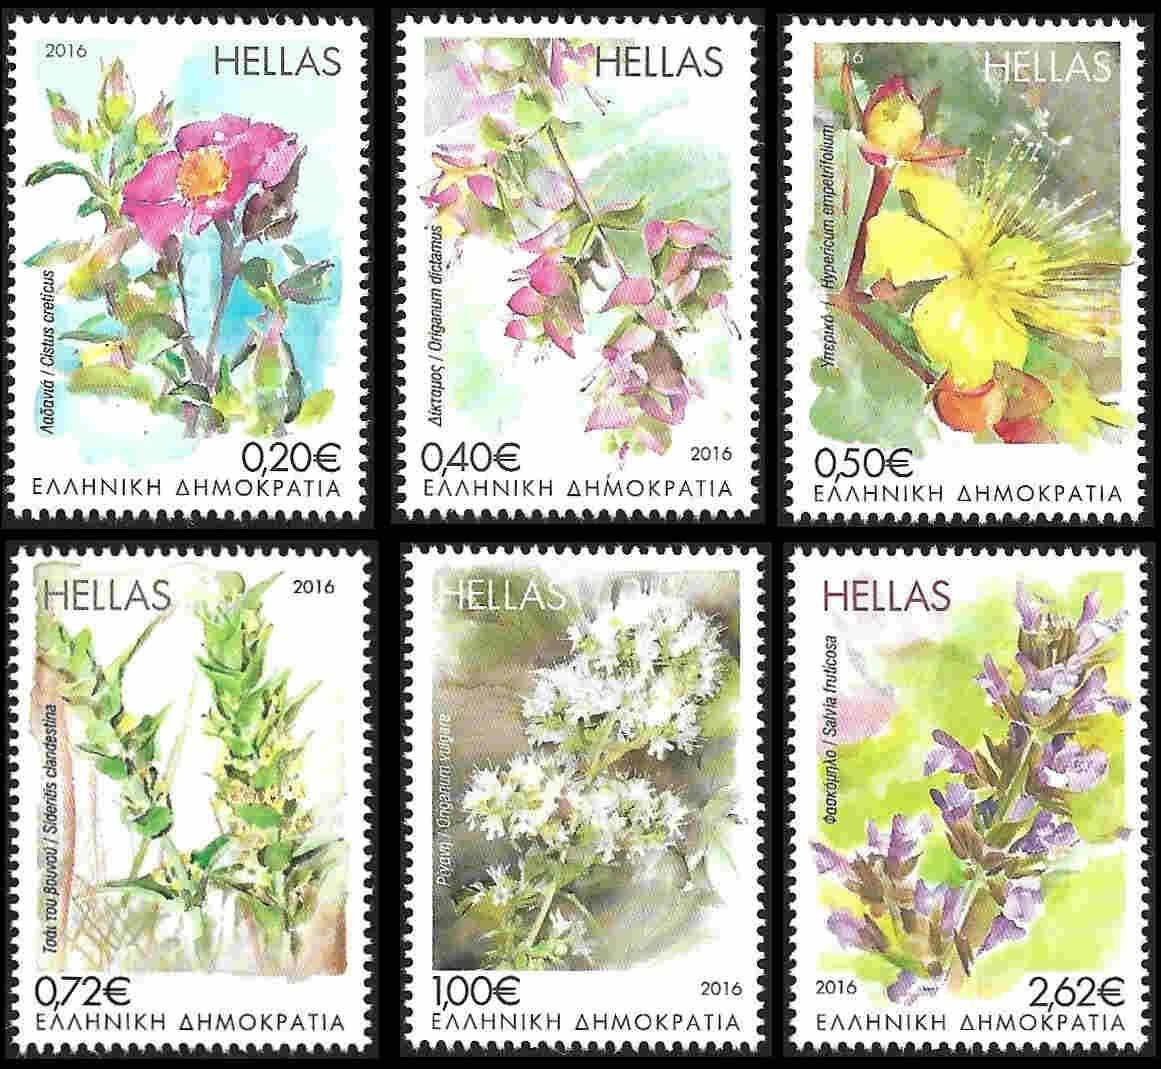 15th December 2016: Flowering Herbs of the Greek earth